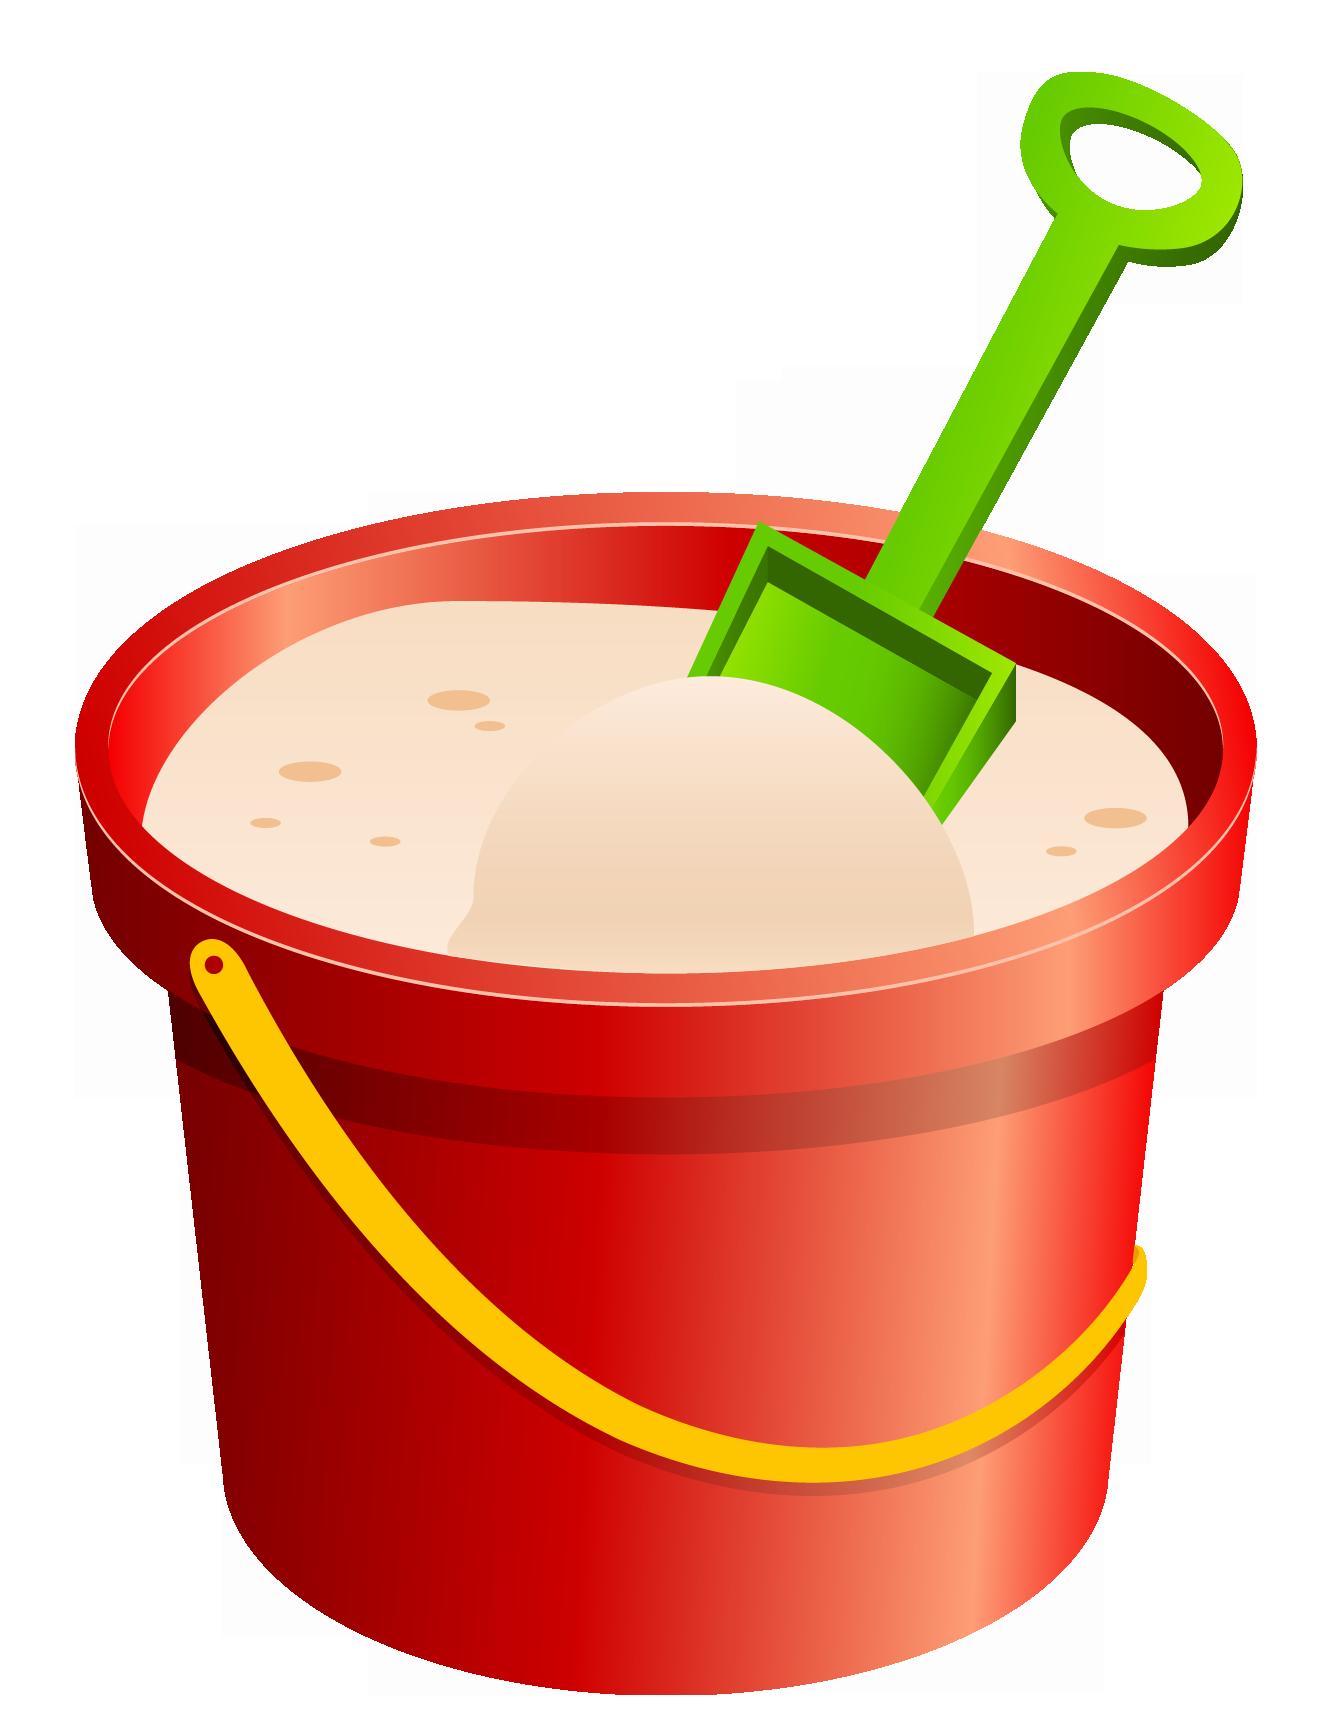 Full bucket clipart.